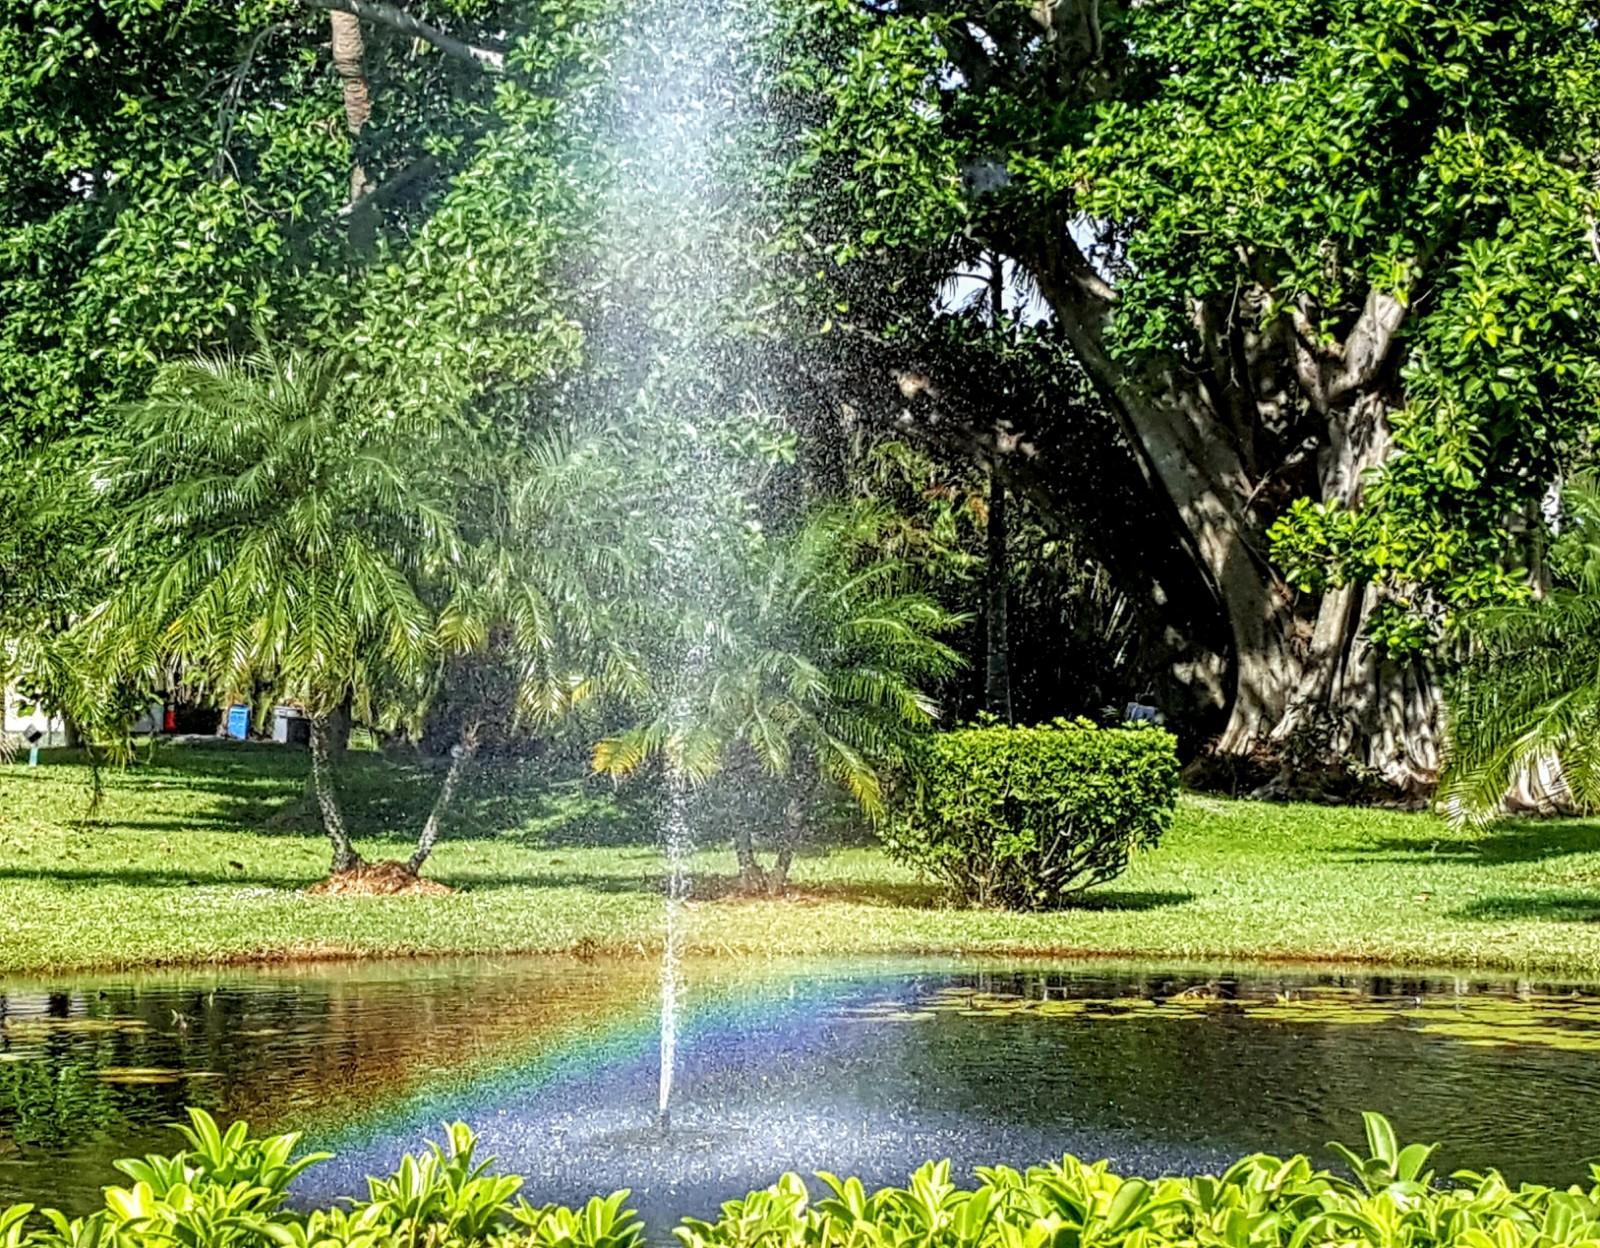 2424 N Federal Highway 206 Boynton Beach, FL 33435 photo 22